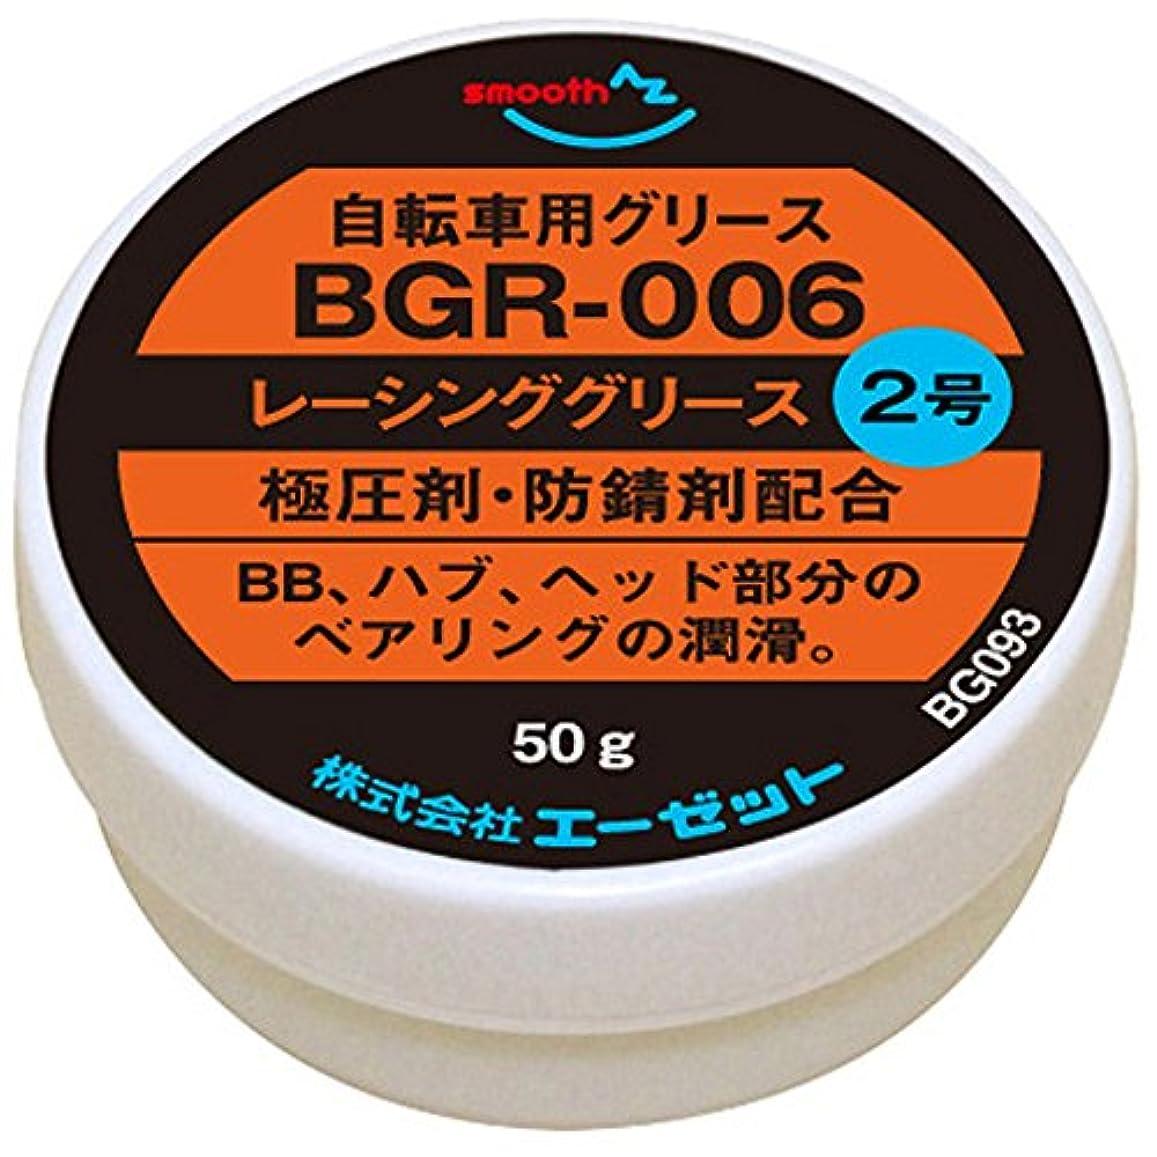 海岸天文学ビルマAZ(エーゼット) BGR-006 自転車用 レーシンググリース 極圧剤?防錆剤配合 50g 自転車グリース BG093